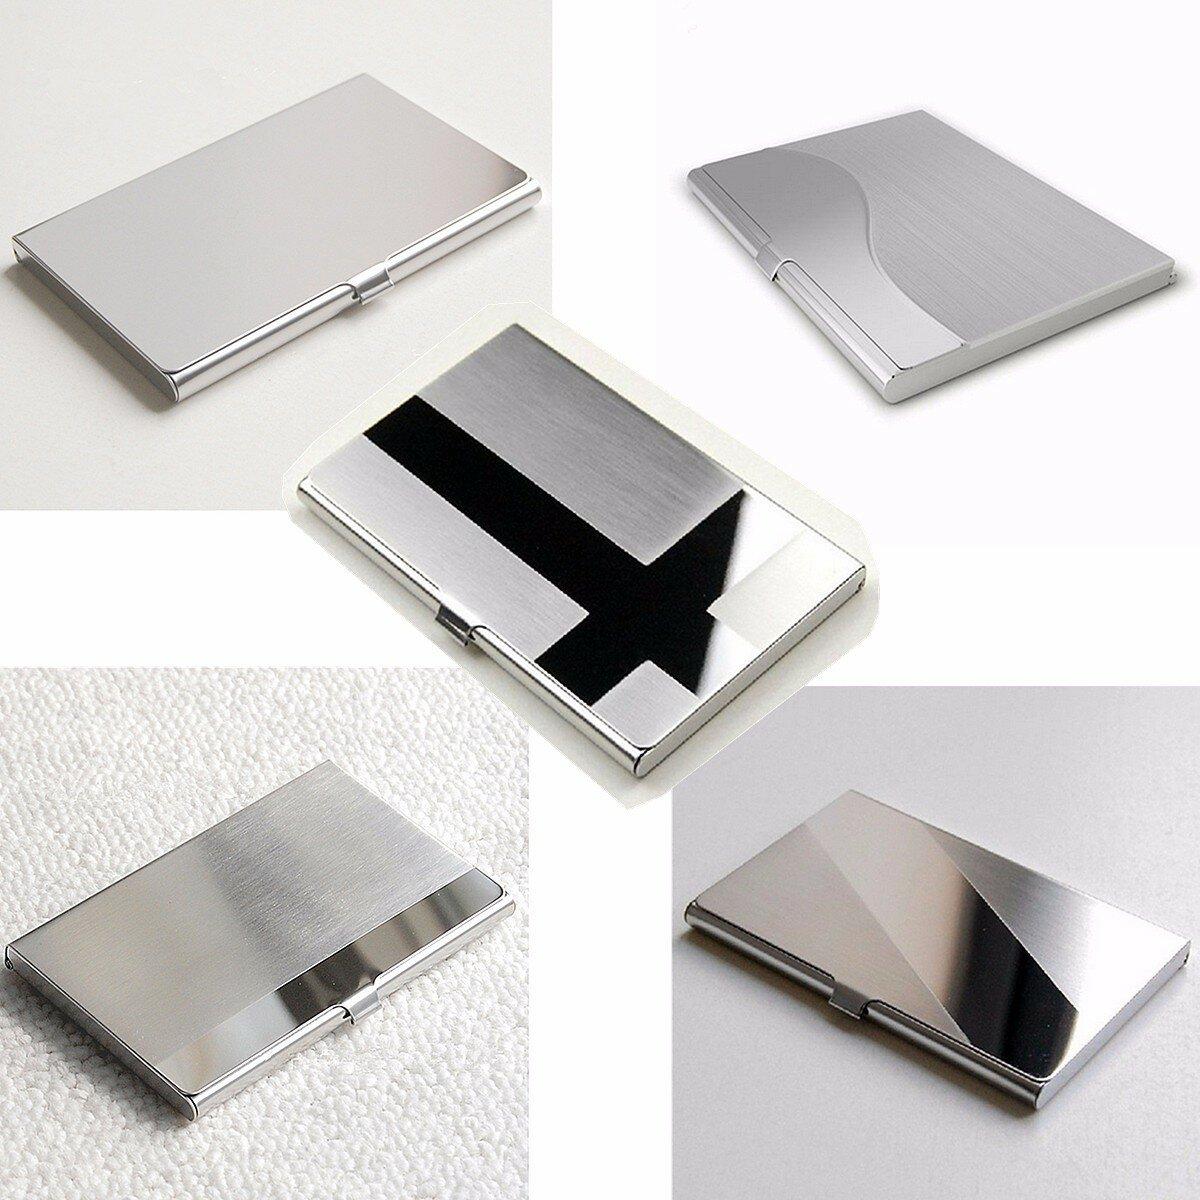 Stainless Steel ID Bisnis Kartu Kredit Pemegang Kartu Nama Dompet Kotak Saku Logam Pemegang Kasus